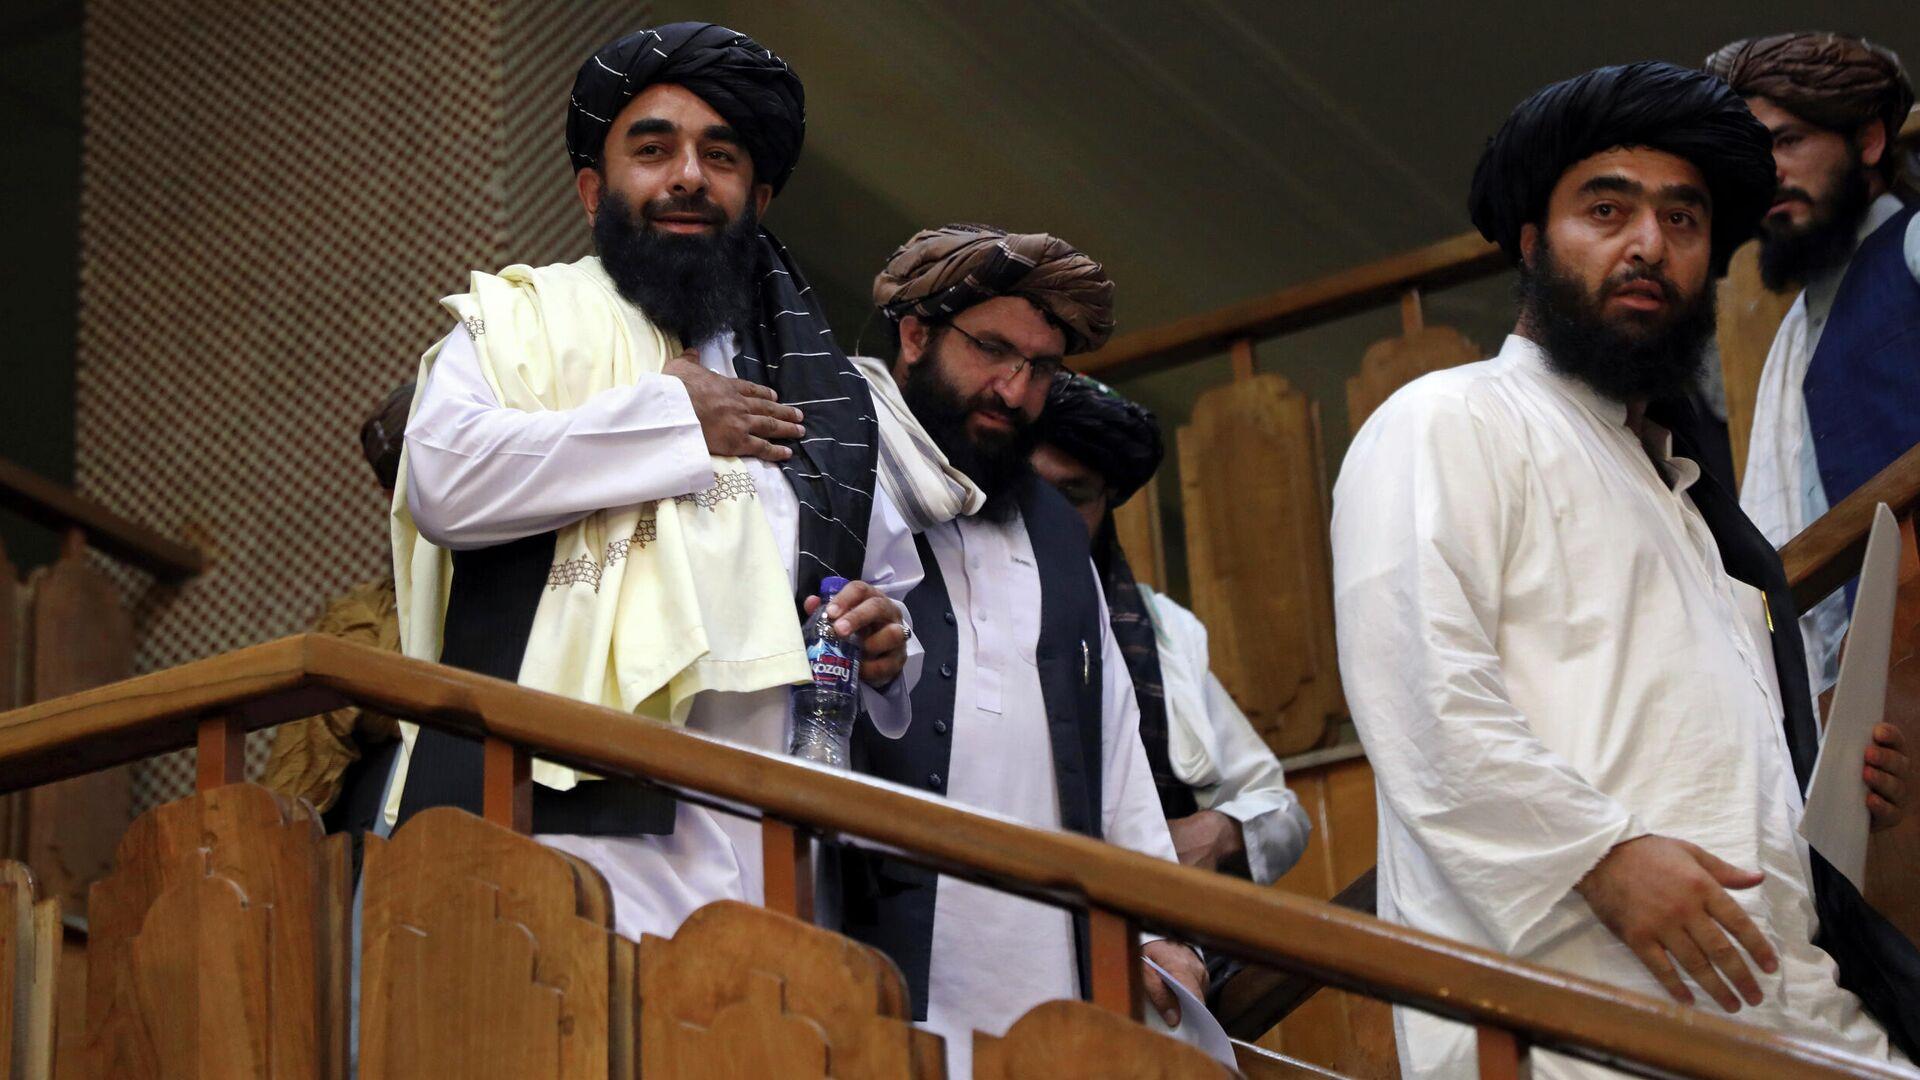 Представитель Талибана Забихулла Муджахид (слева) прибывает на свою первую пресс-конференцию в Информационный центр правительственных СМИ в Кабуле - Sputnik საქართველო, 1920, 27.09.2021